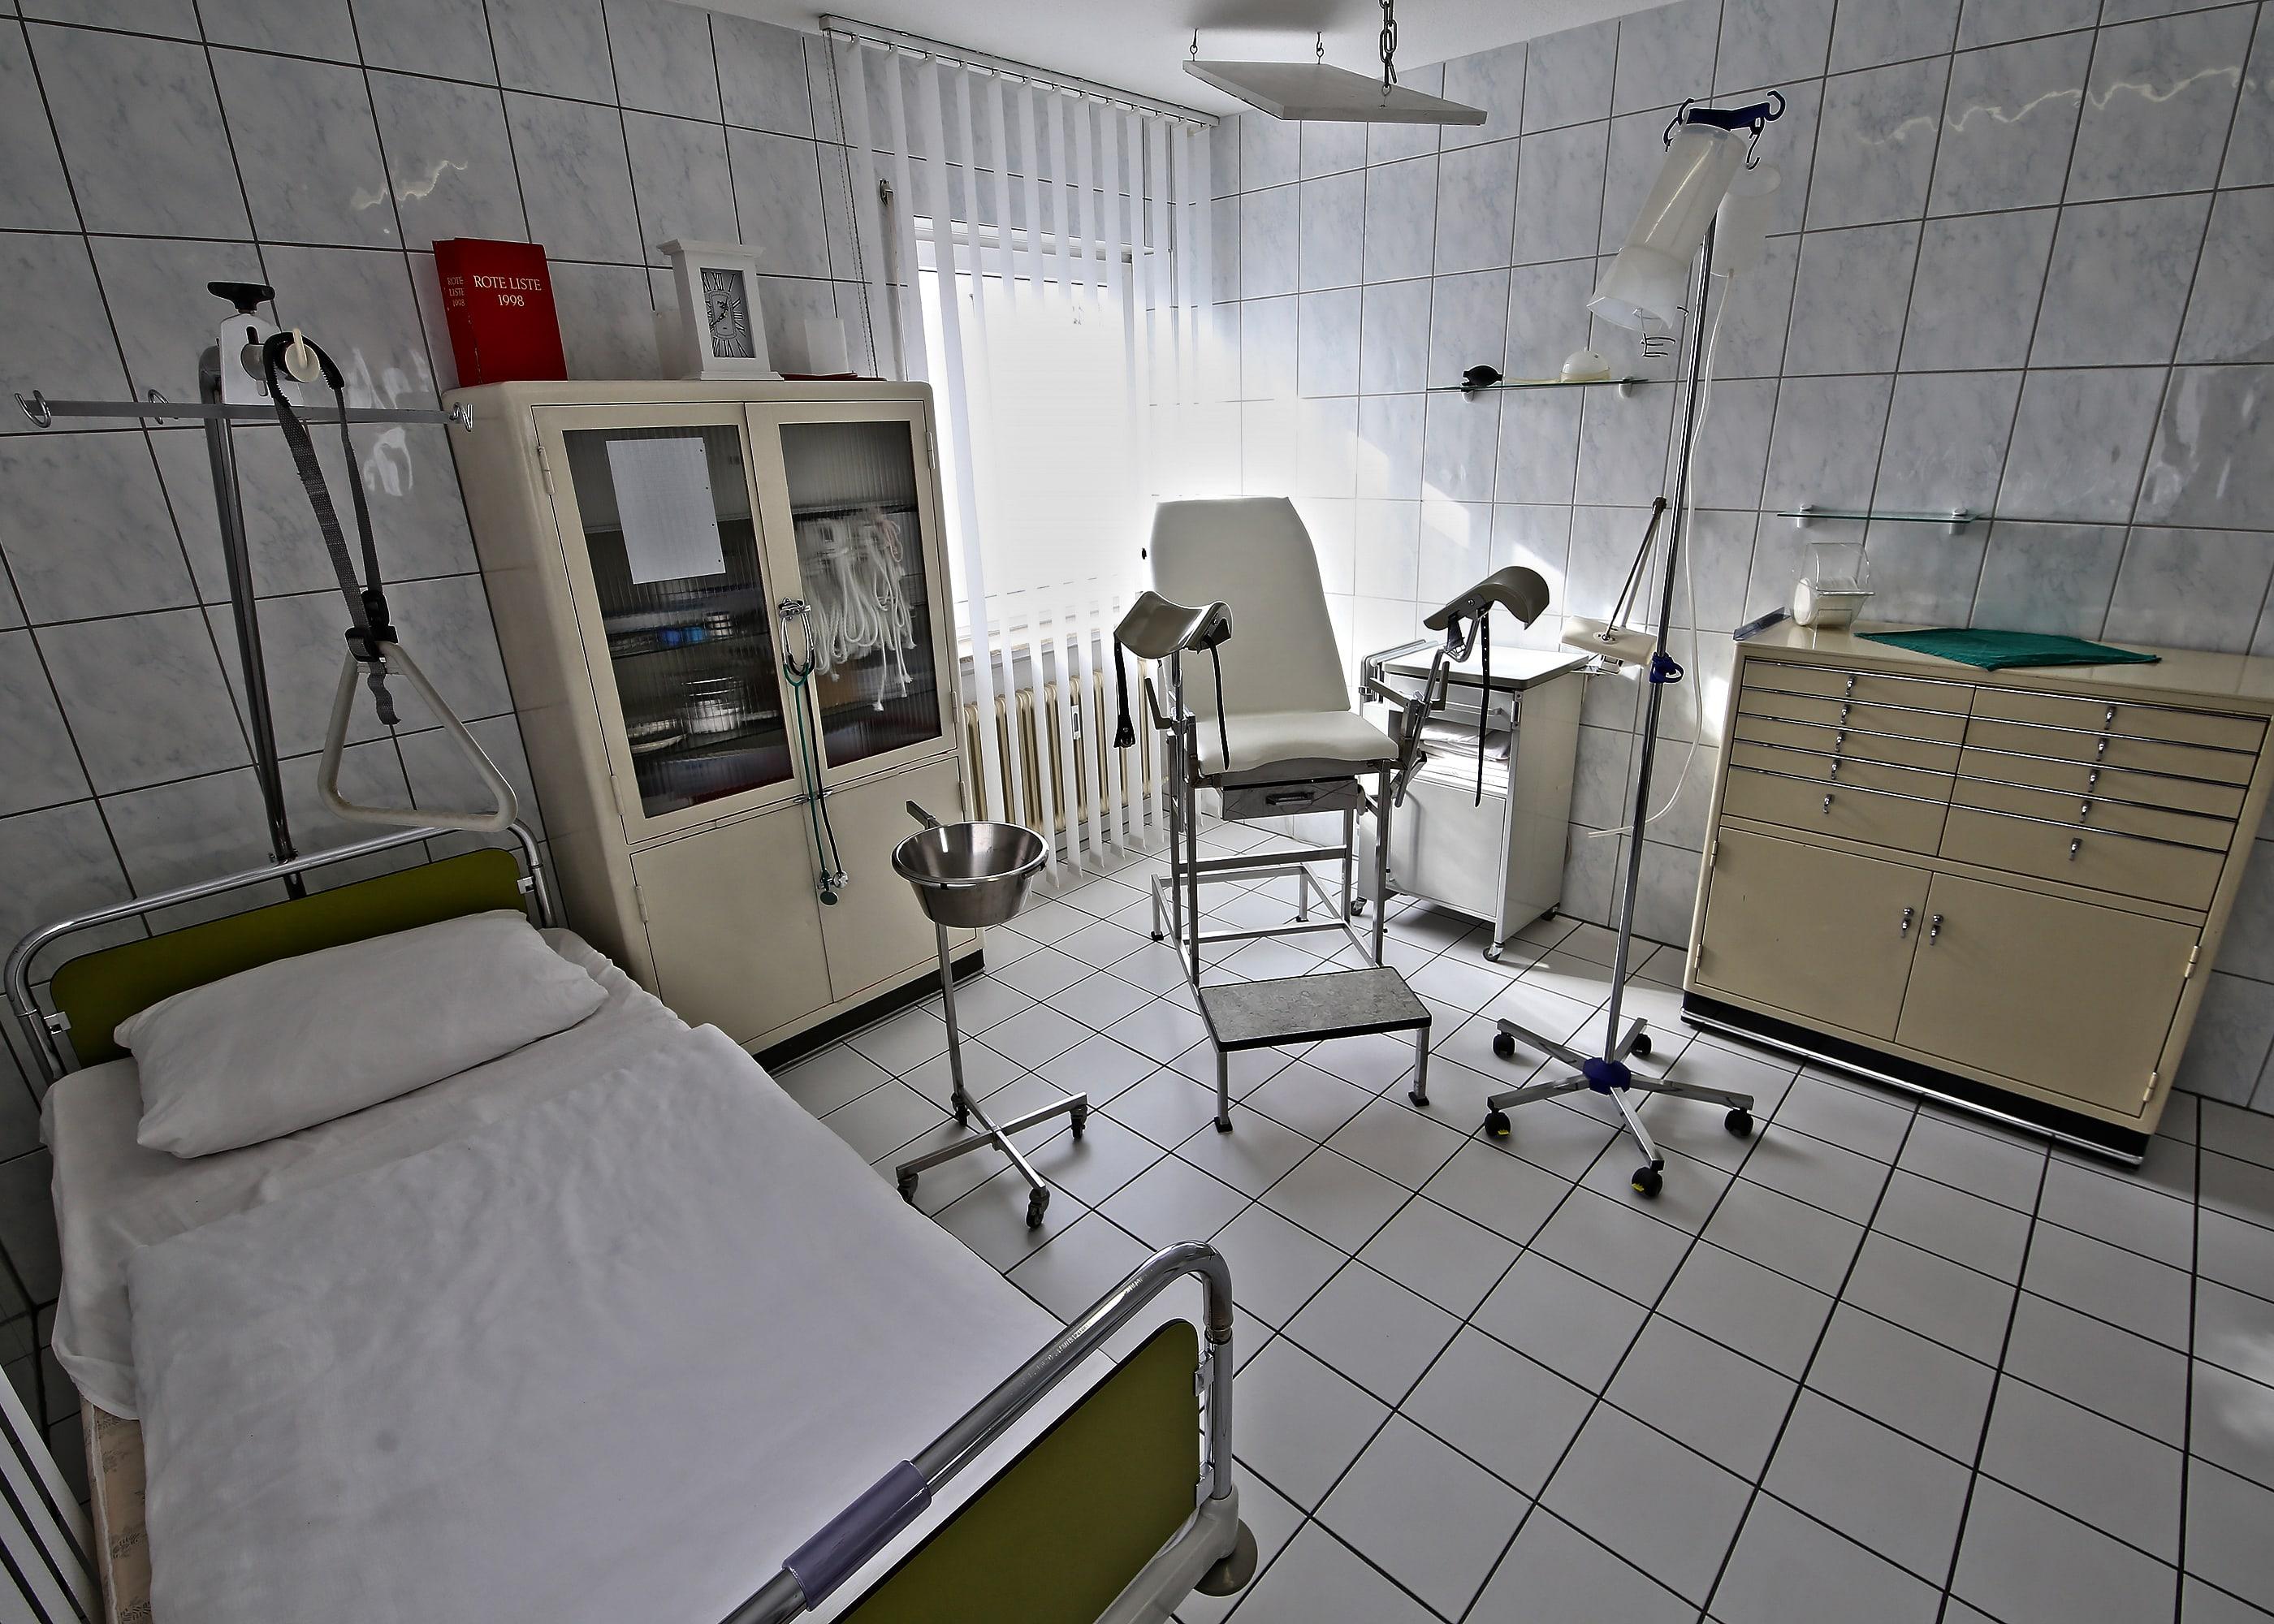 Untersuchungszimmer(DieKlinik)3